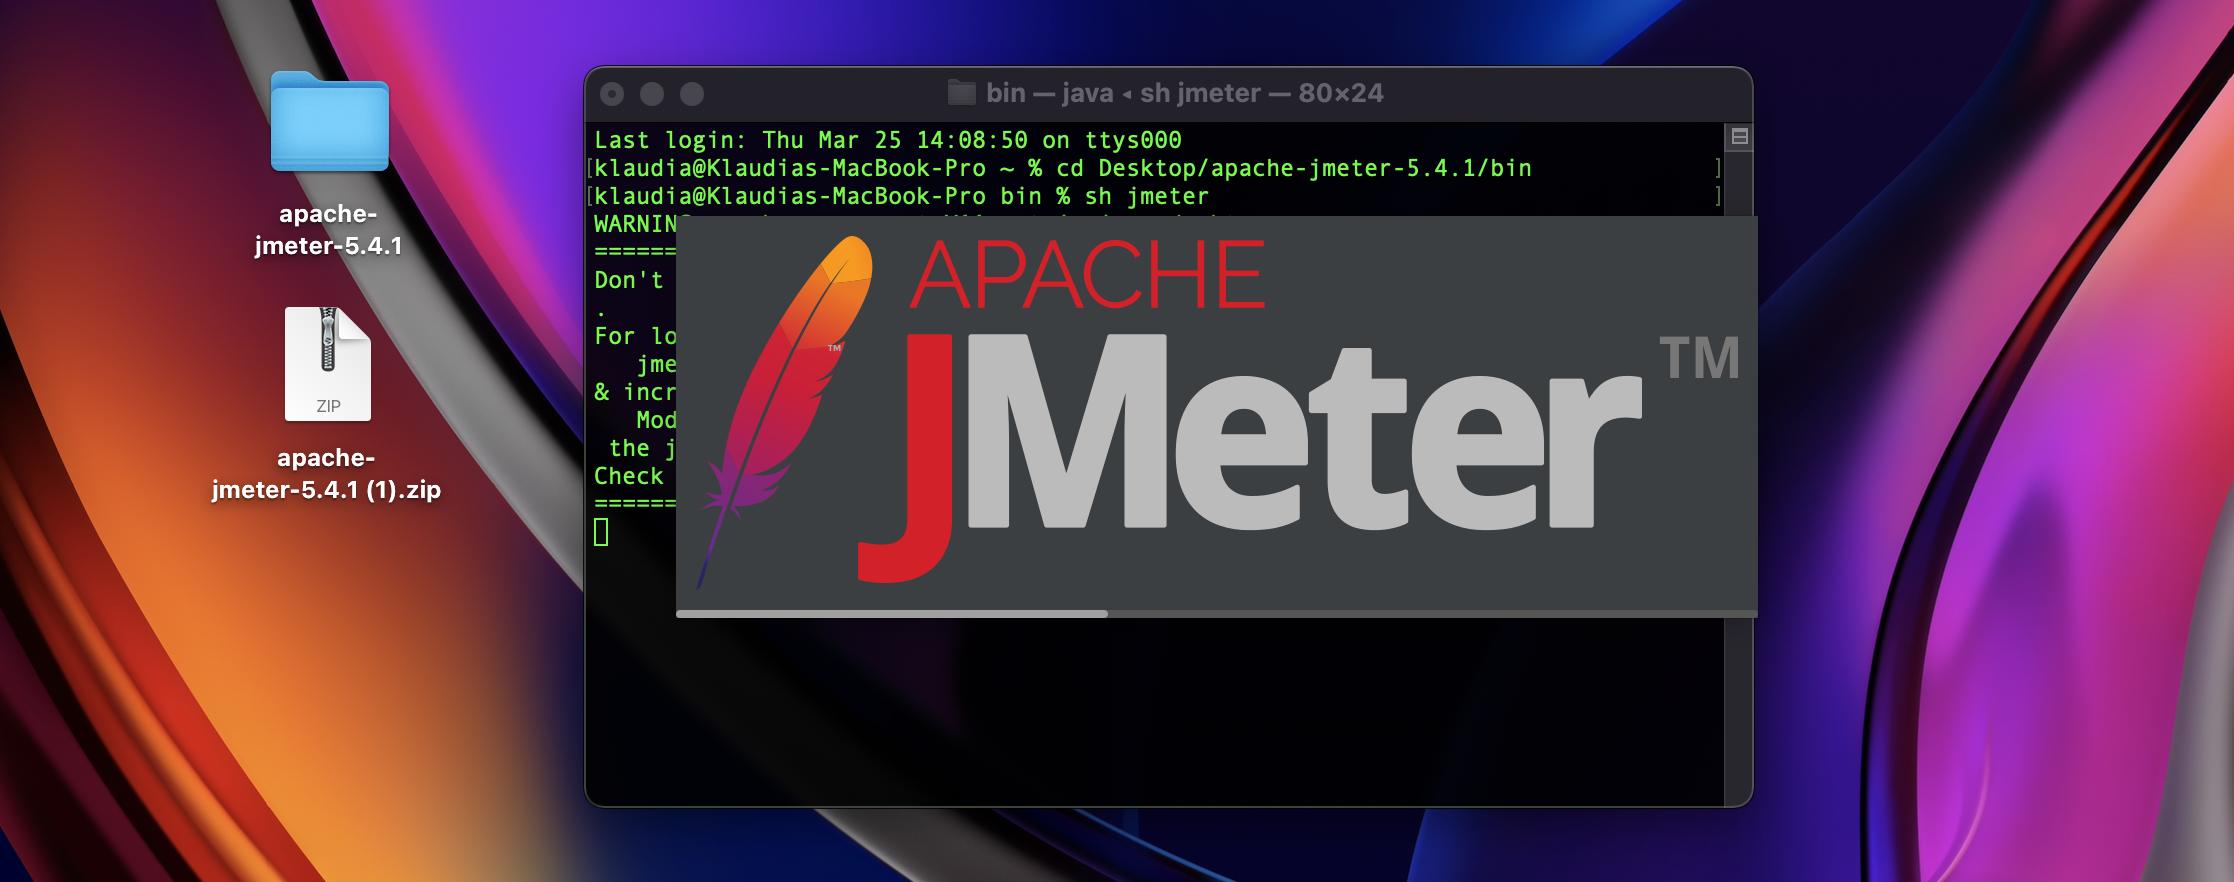 JMeter has been run.